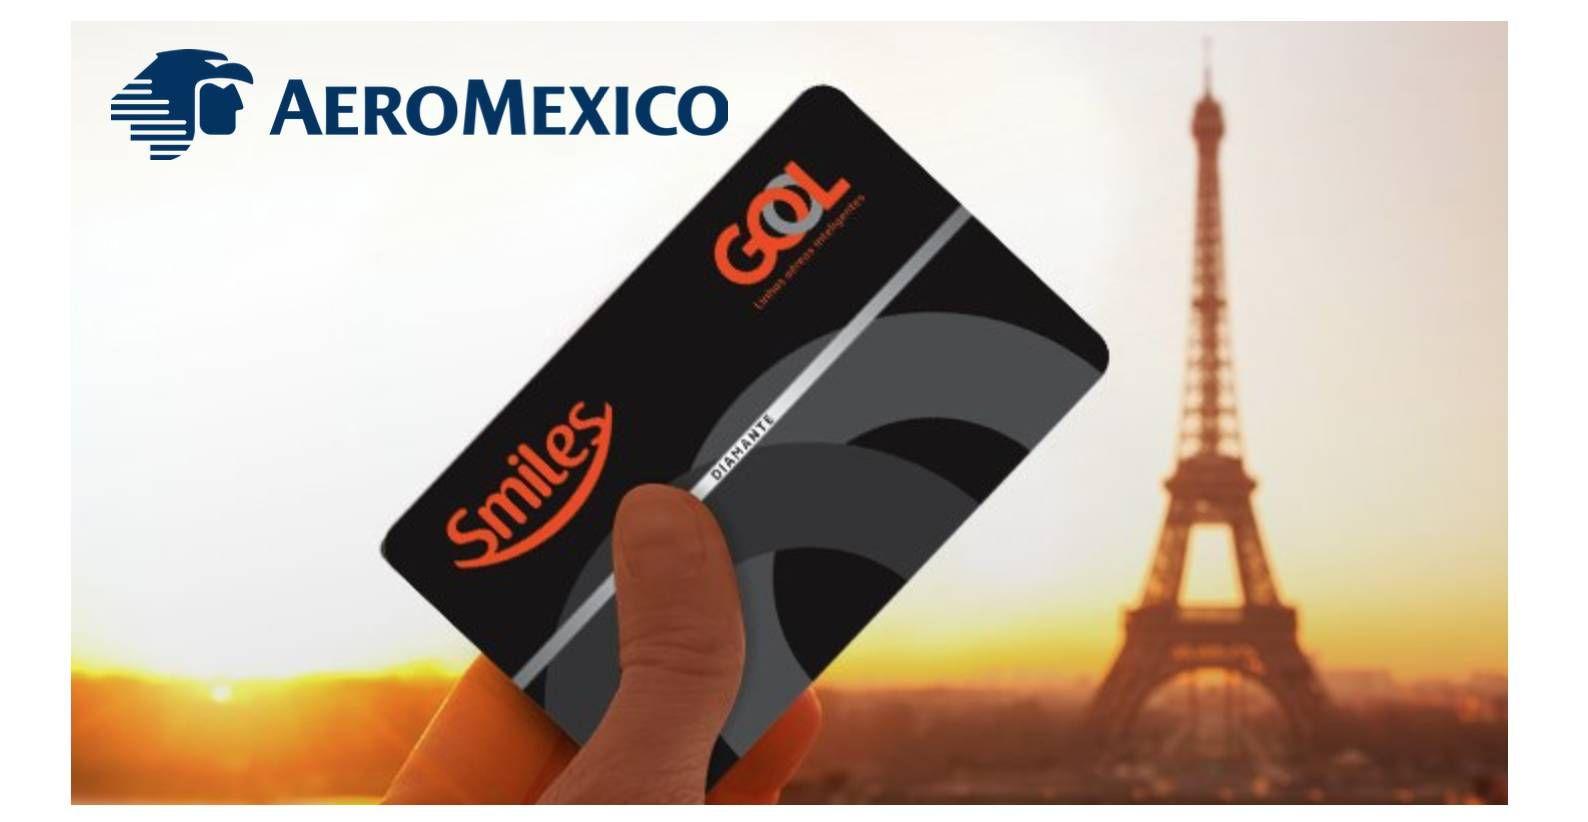 Clientes Smiles agora ganham milhas bônus em todos os voos da Aeromexico